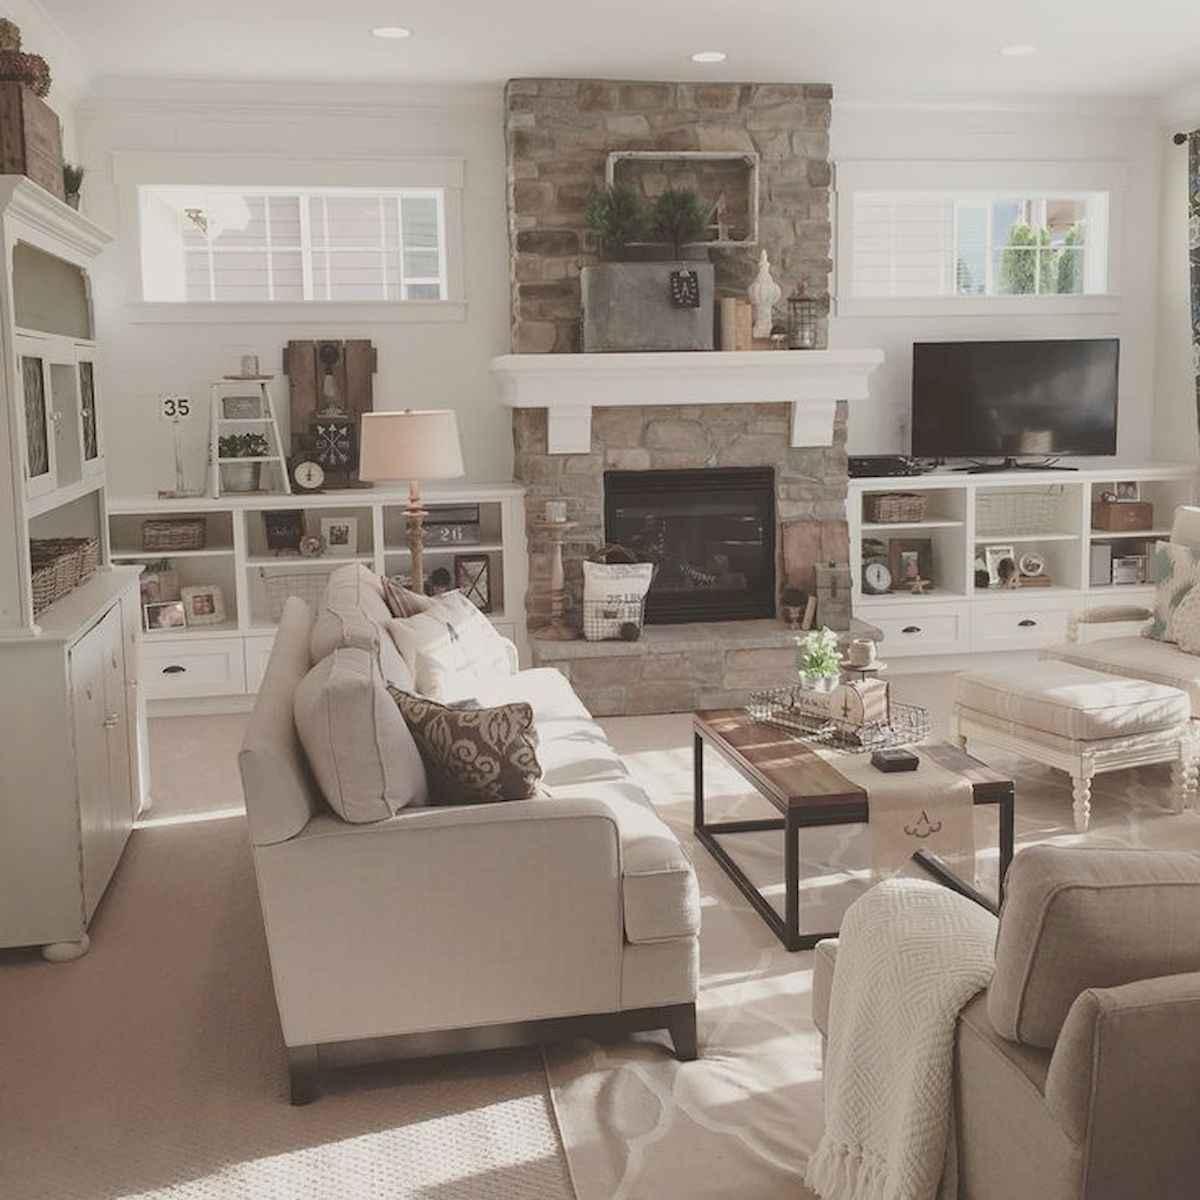 60 Stunning Farmhouse Home Decor Ideas On A Budget (21)